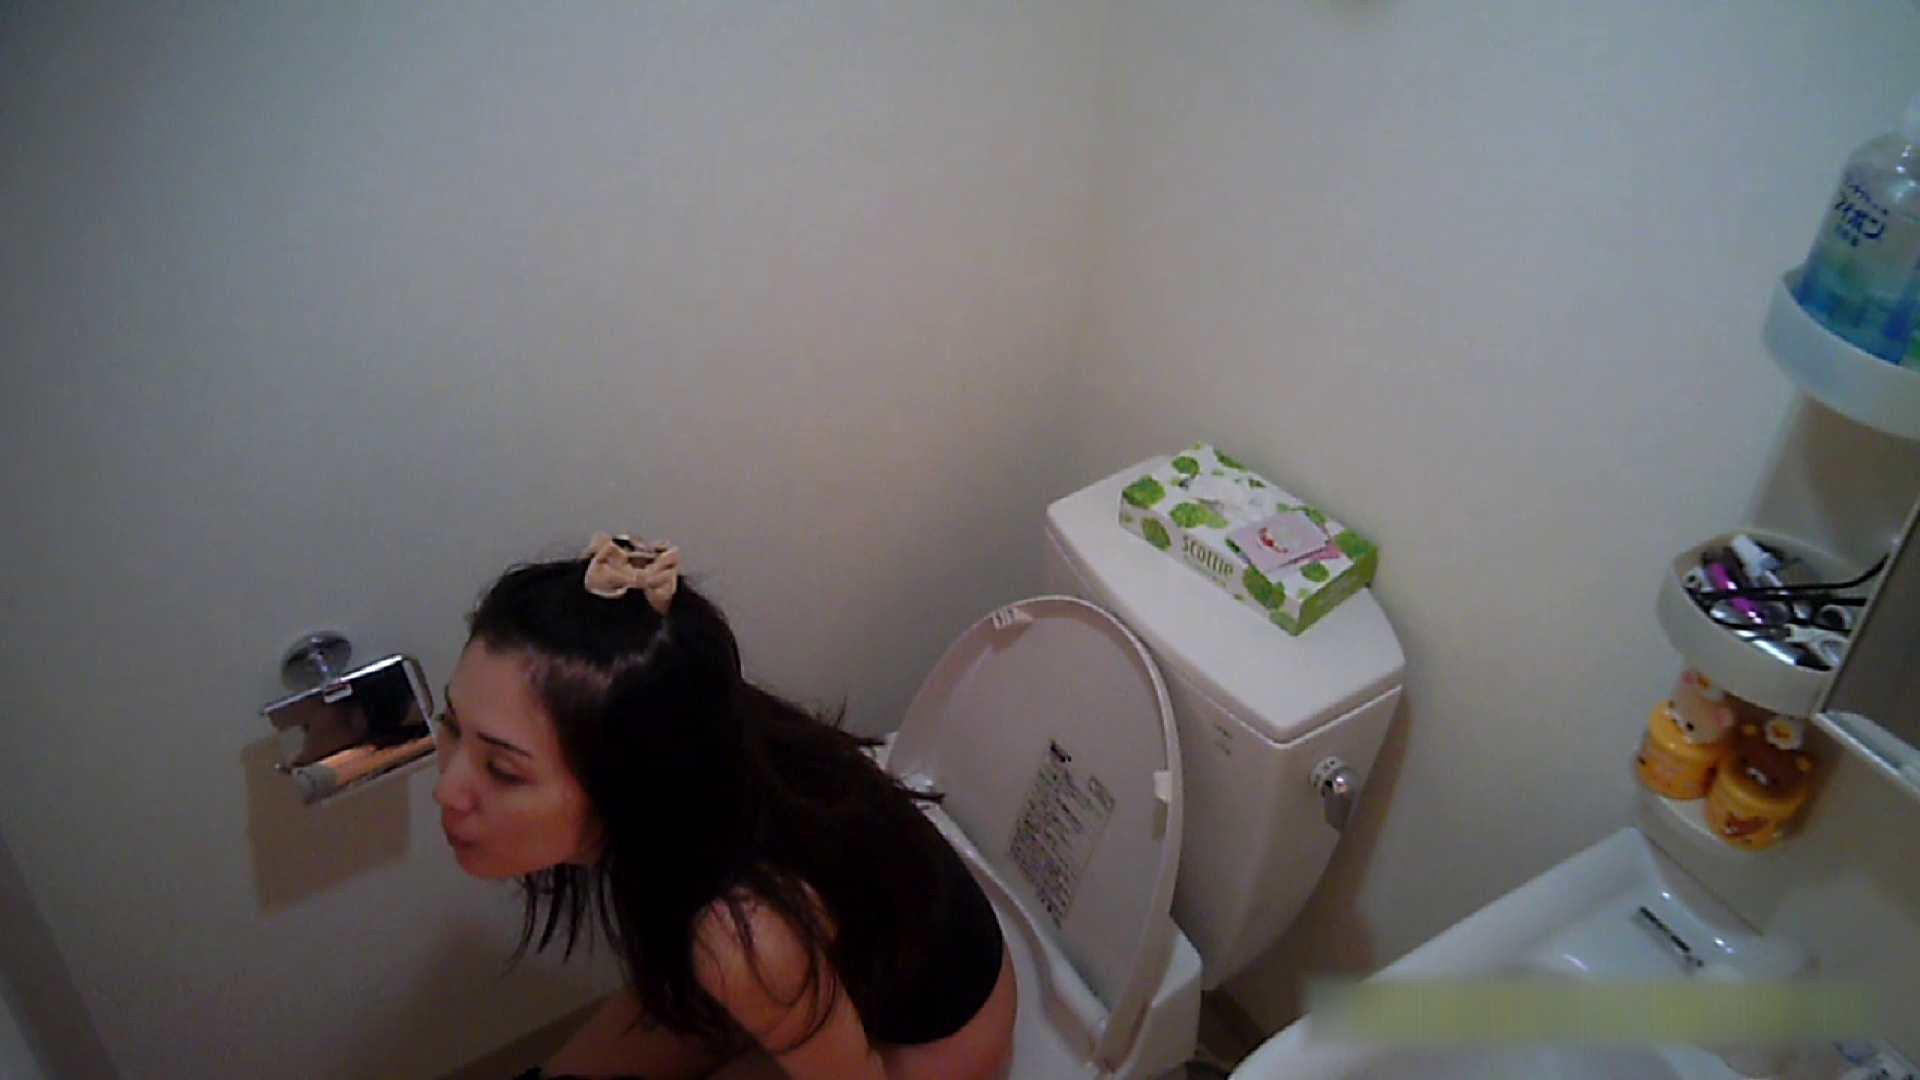 清楚な顔してかなり敏感なE子25歳(仮名)Vol.05 裸でトイレ編 お姉さんのSEX セックス画像 90枚 51